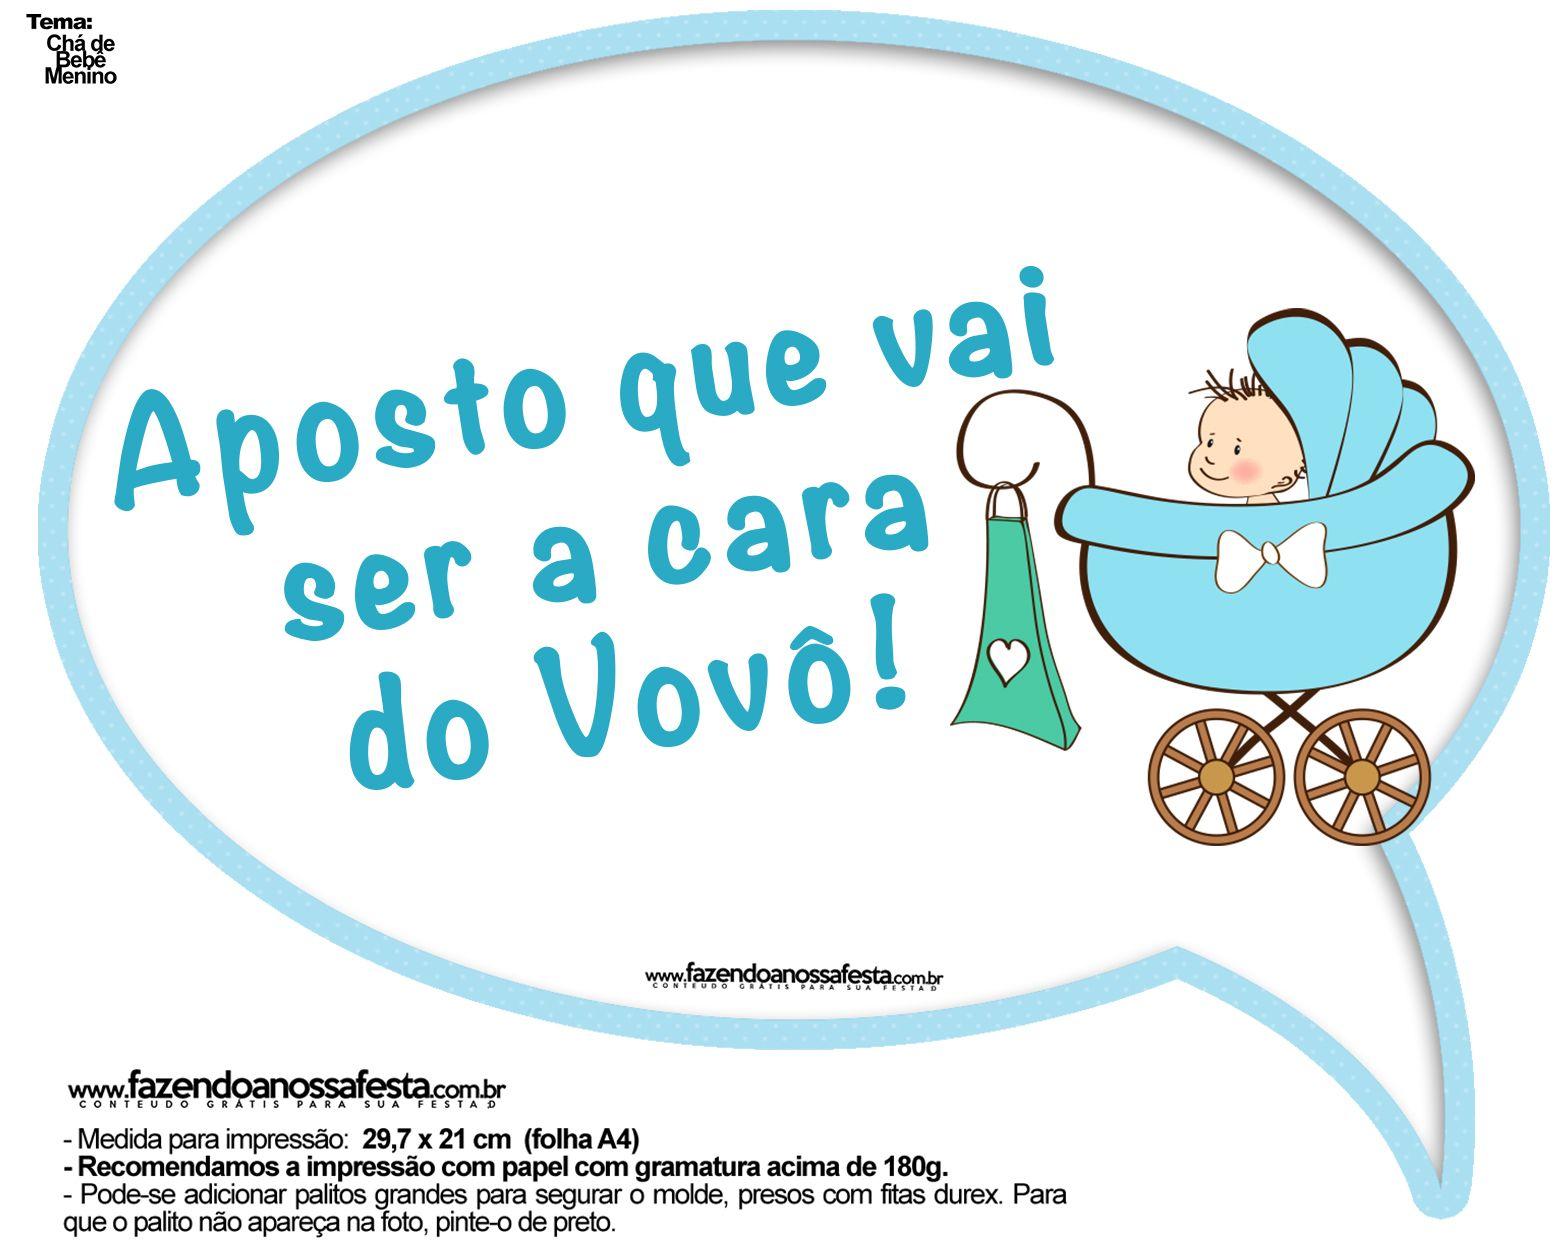 Extremamente Plaquinhas Divertidas Chá de Bebê Menino 4 | Molde and Babies UH48